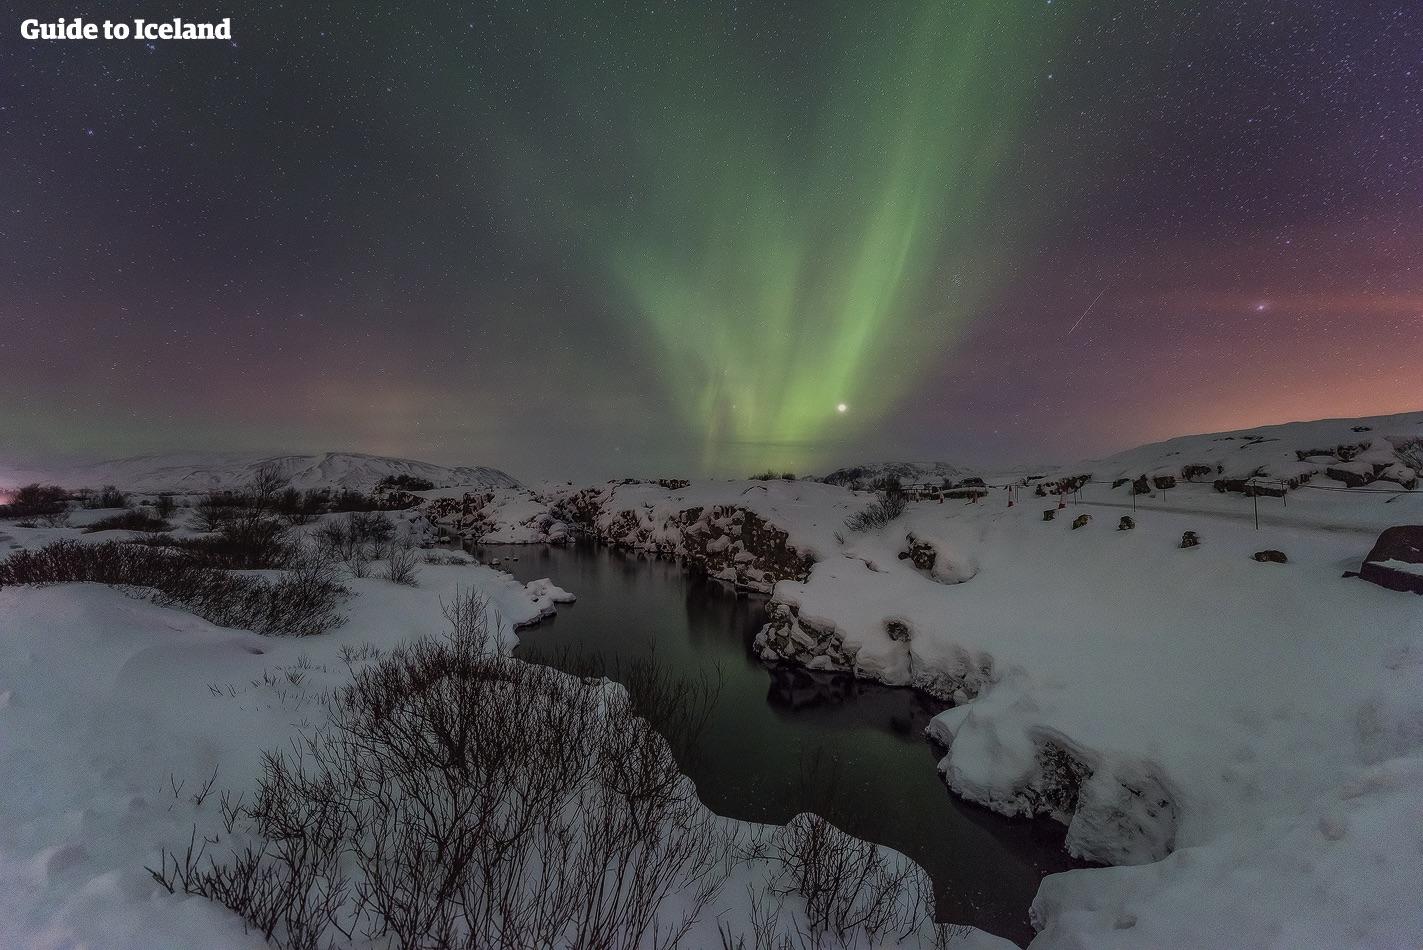 Þingvellir est un parc national, un site du patrimoine mondial de l'UNESCO, un pays des merveilles géologiques et un lieu exceptionnel pour observer les aurores boréales.